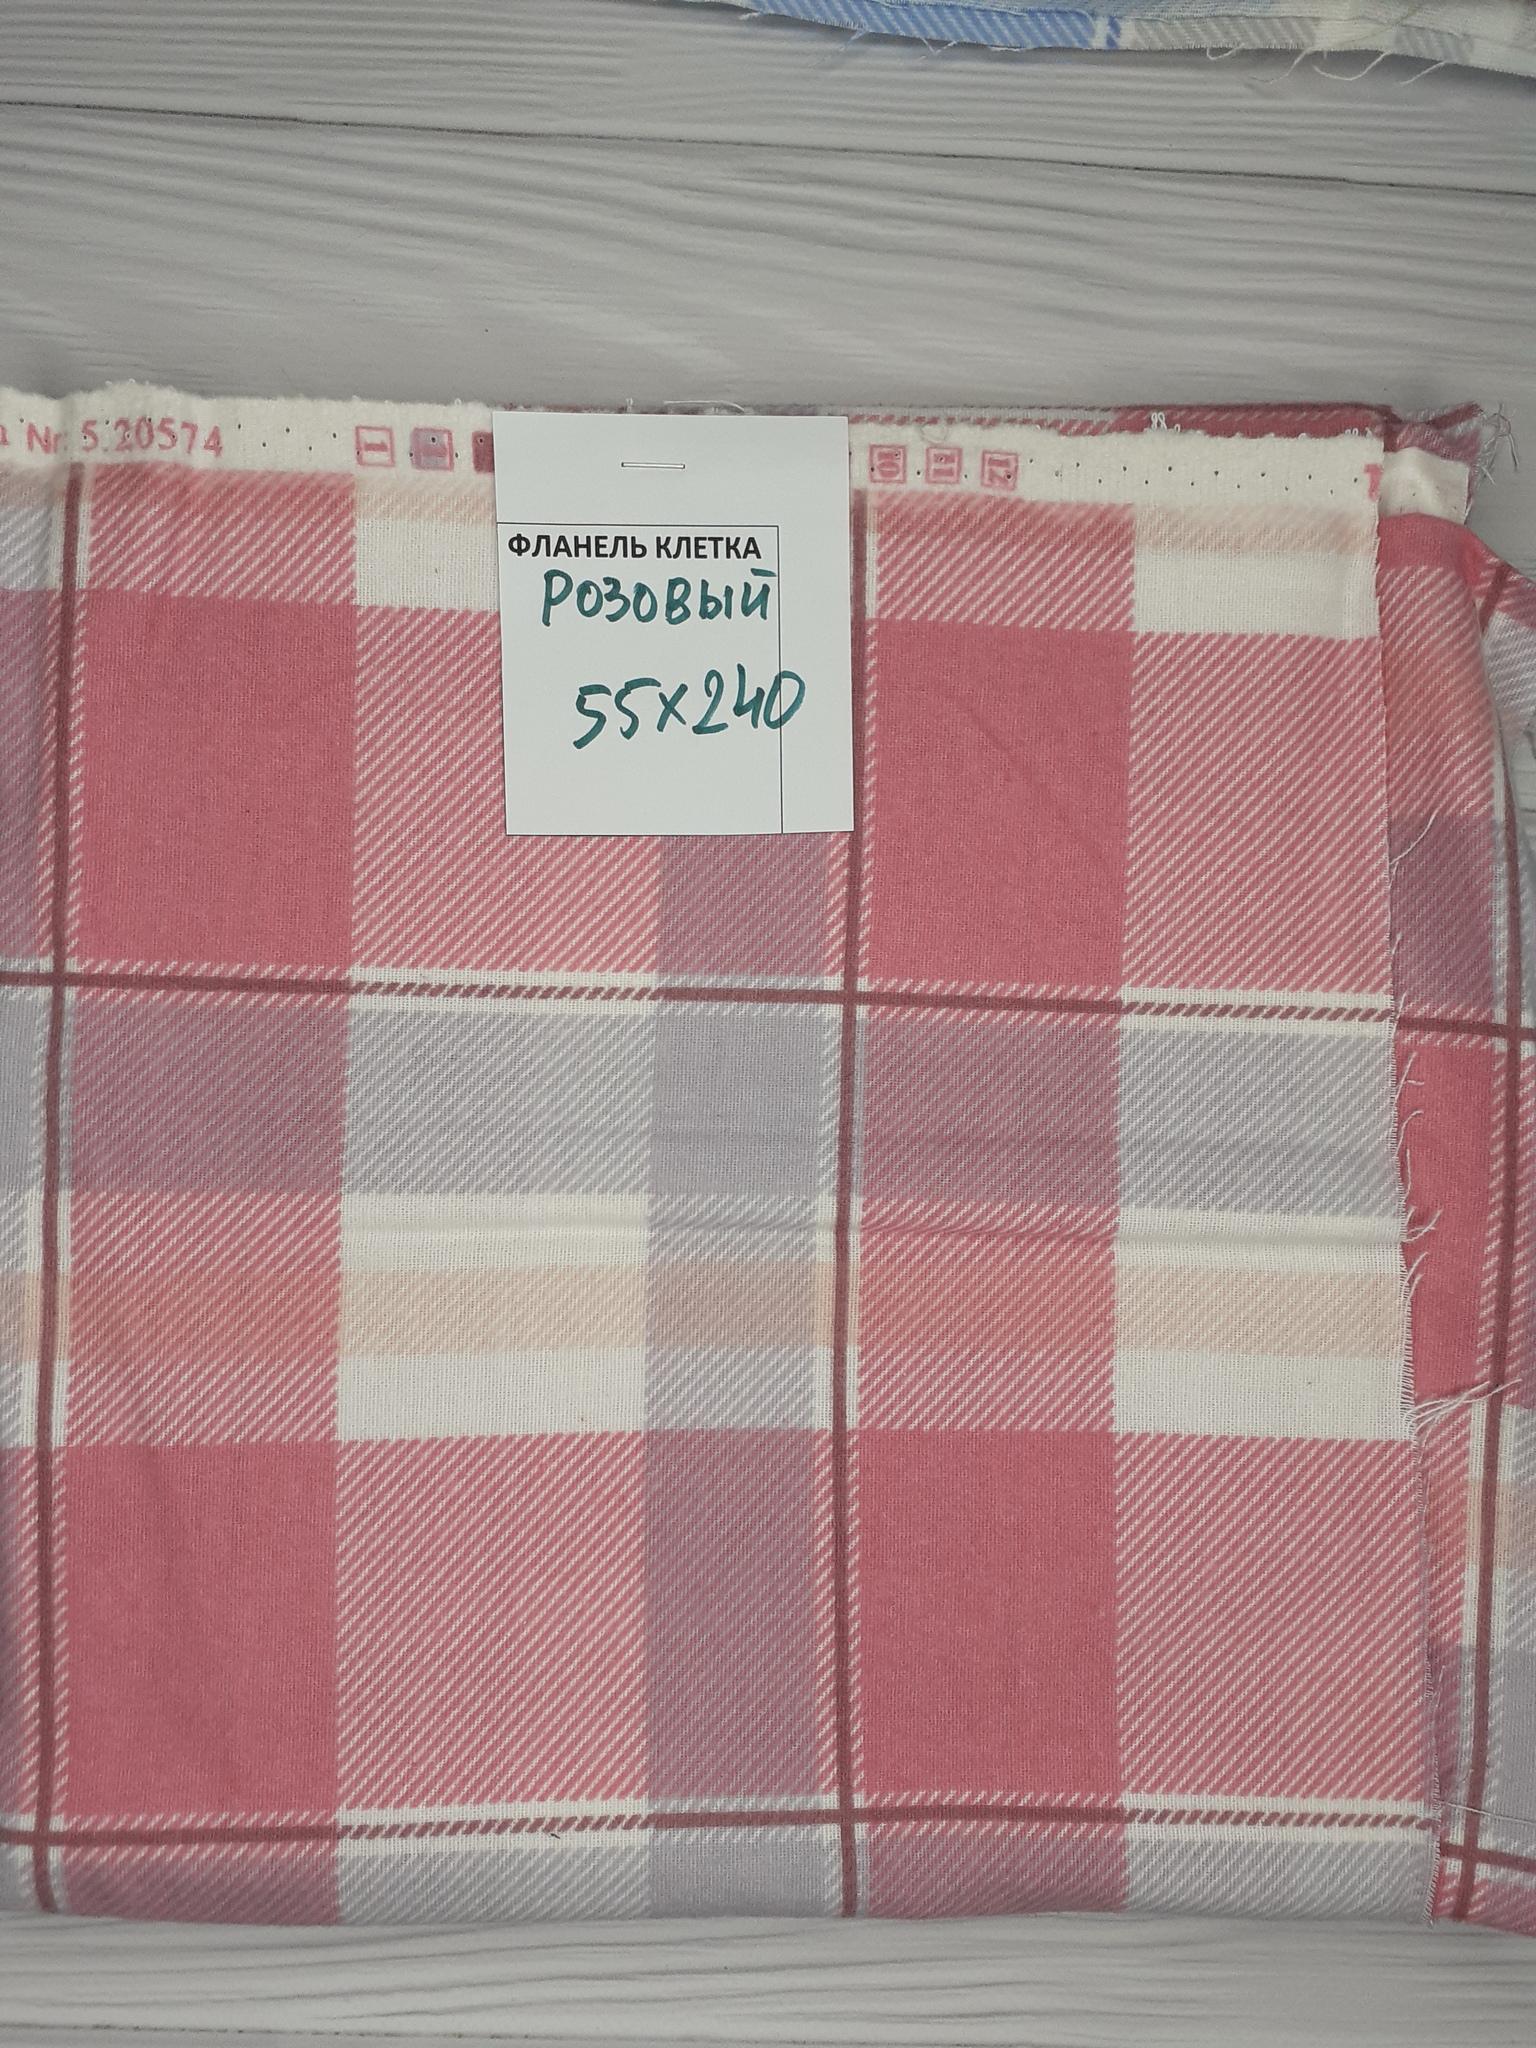 Фланель клетка розовый Турция  (лоскут)